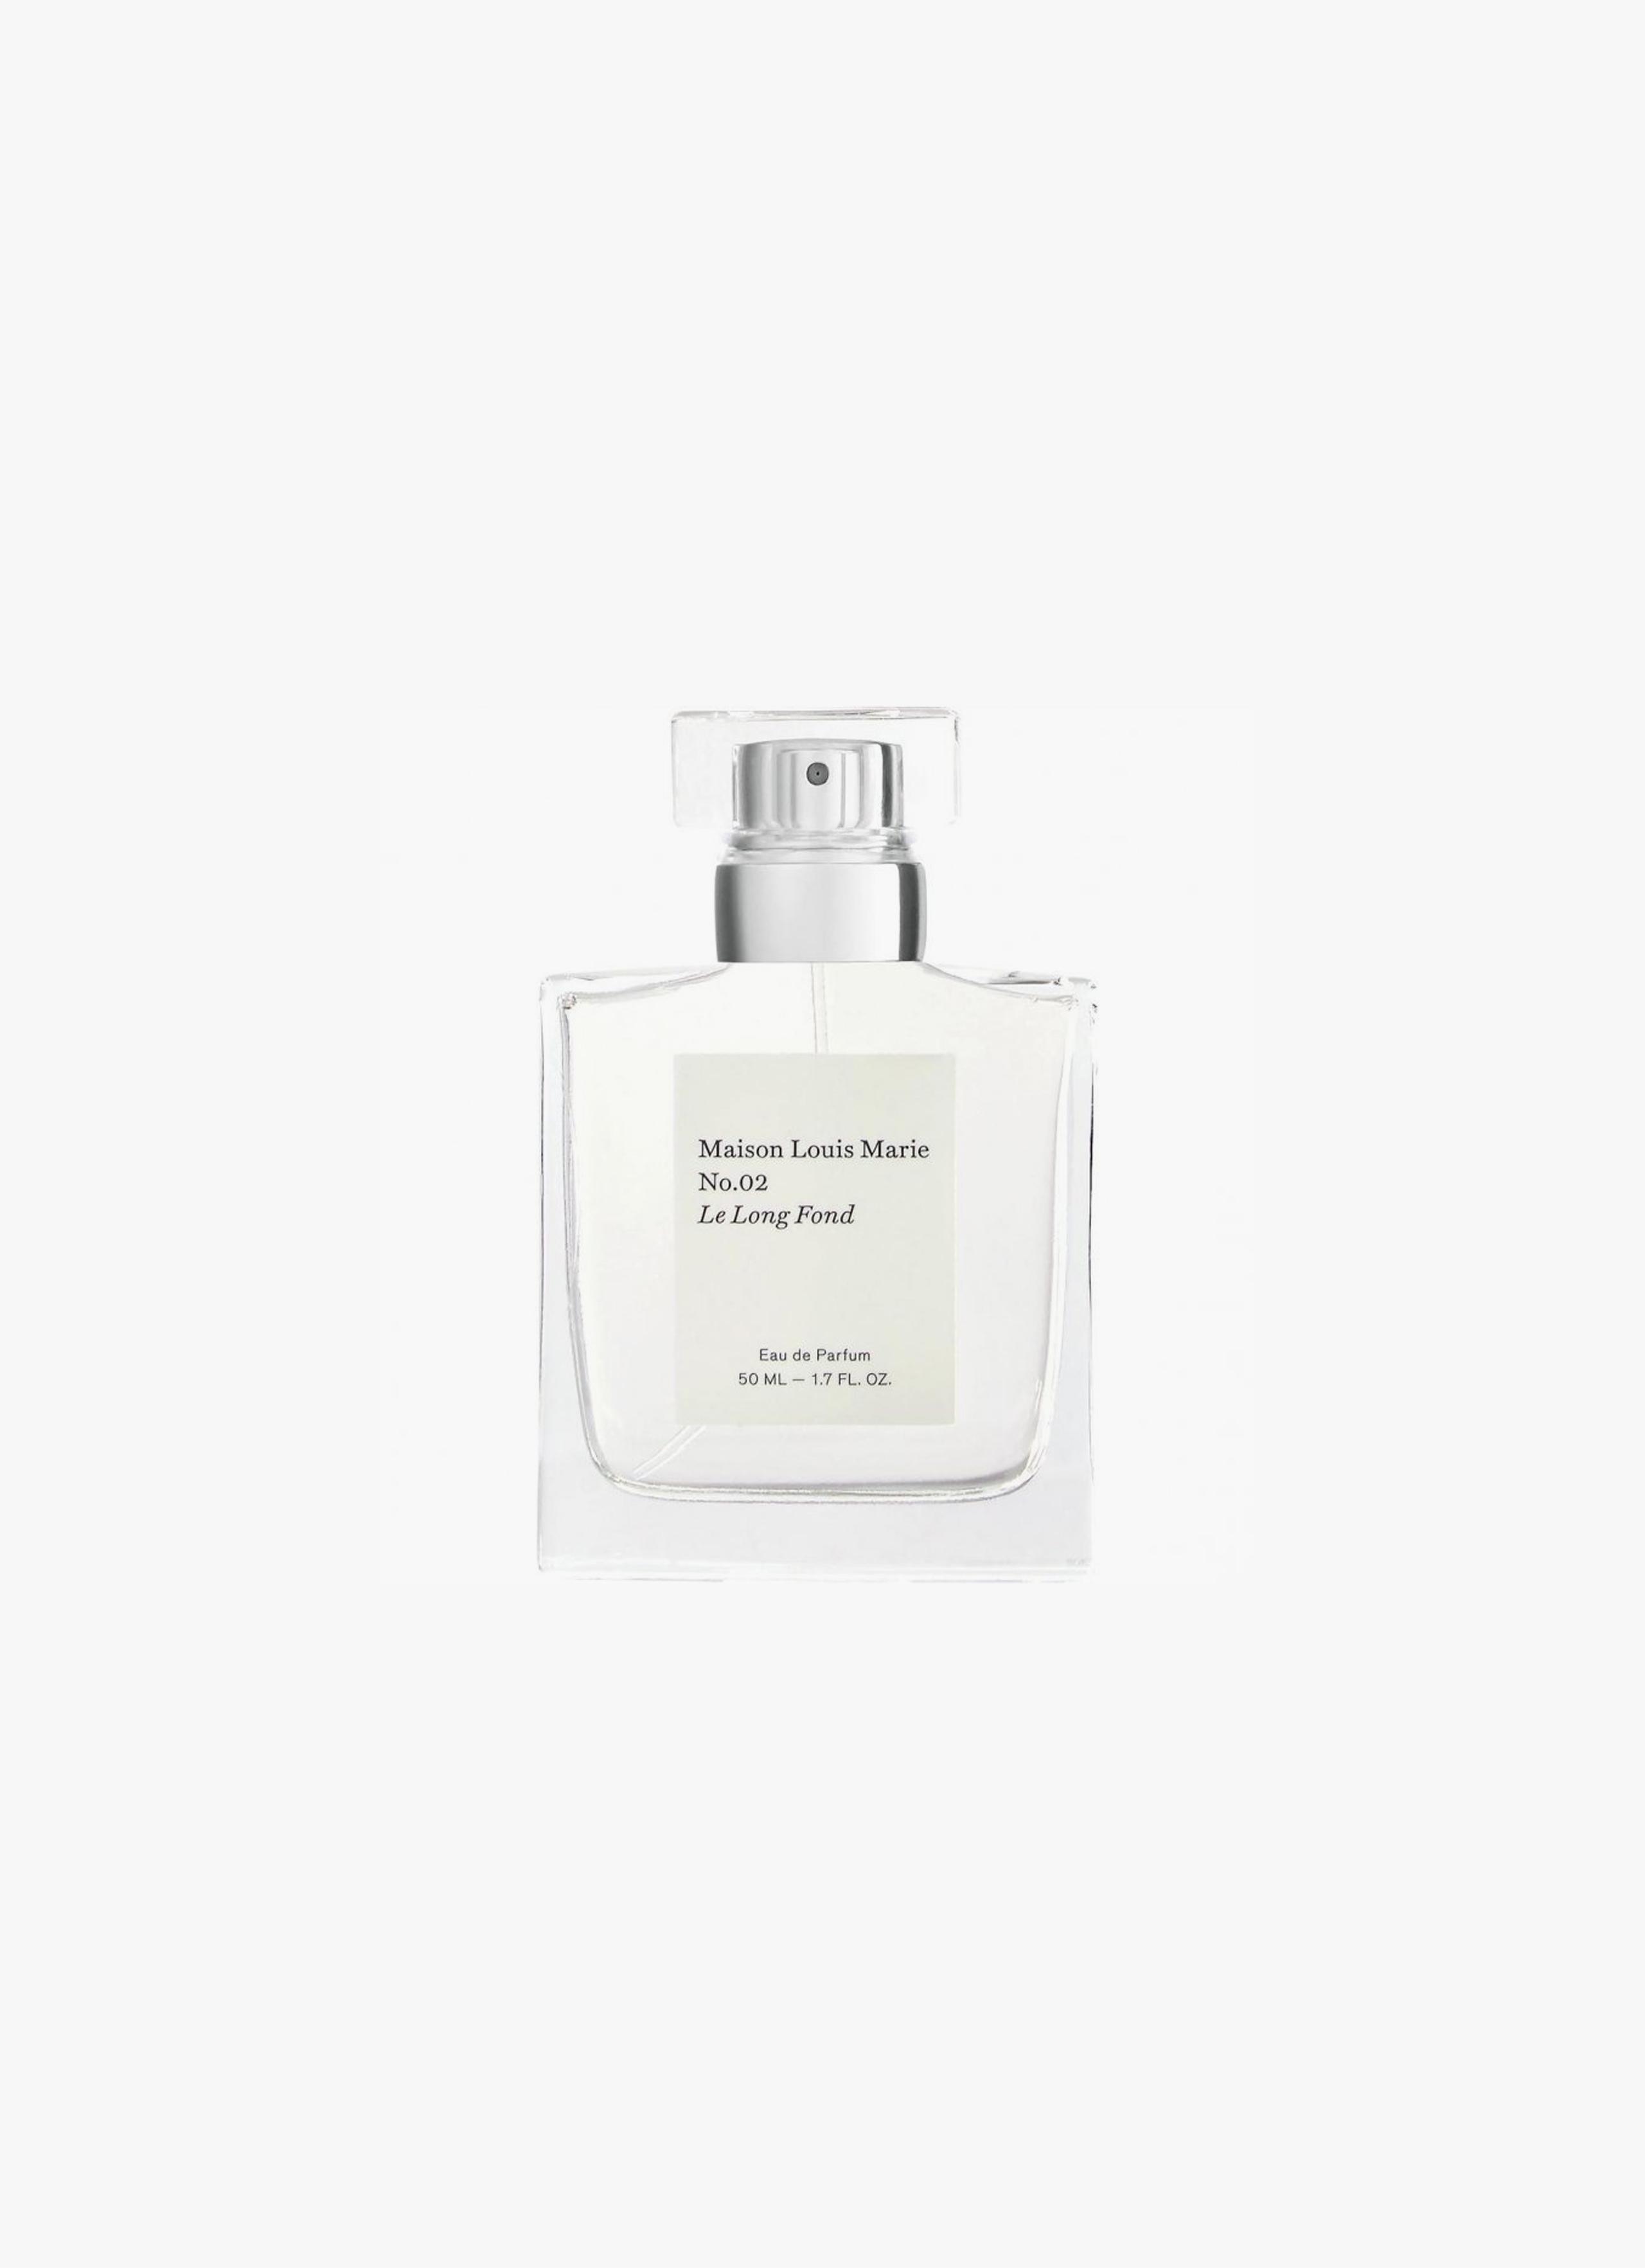 Maison Louis Marie - No.02 - Eau de Parfum